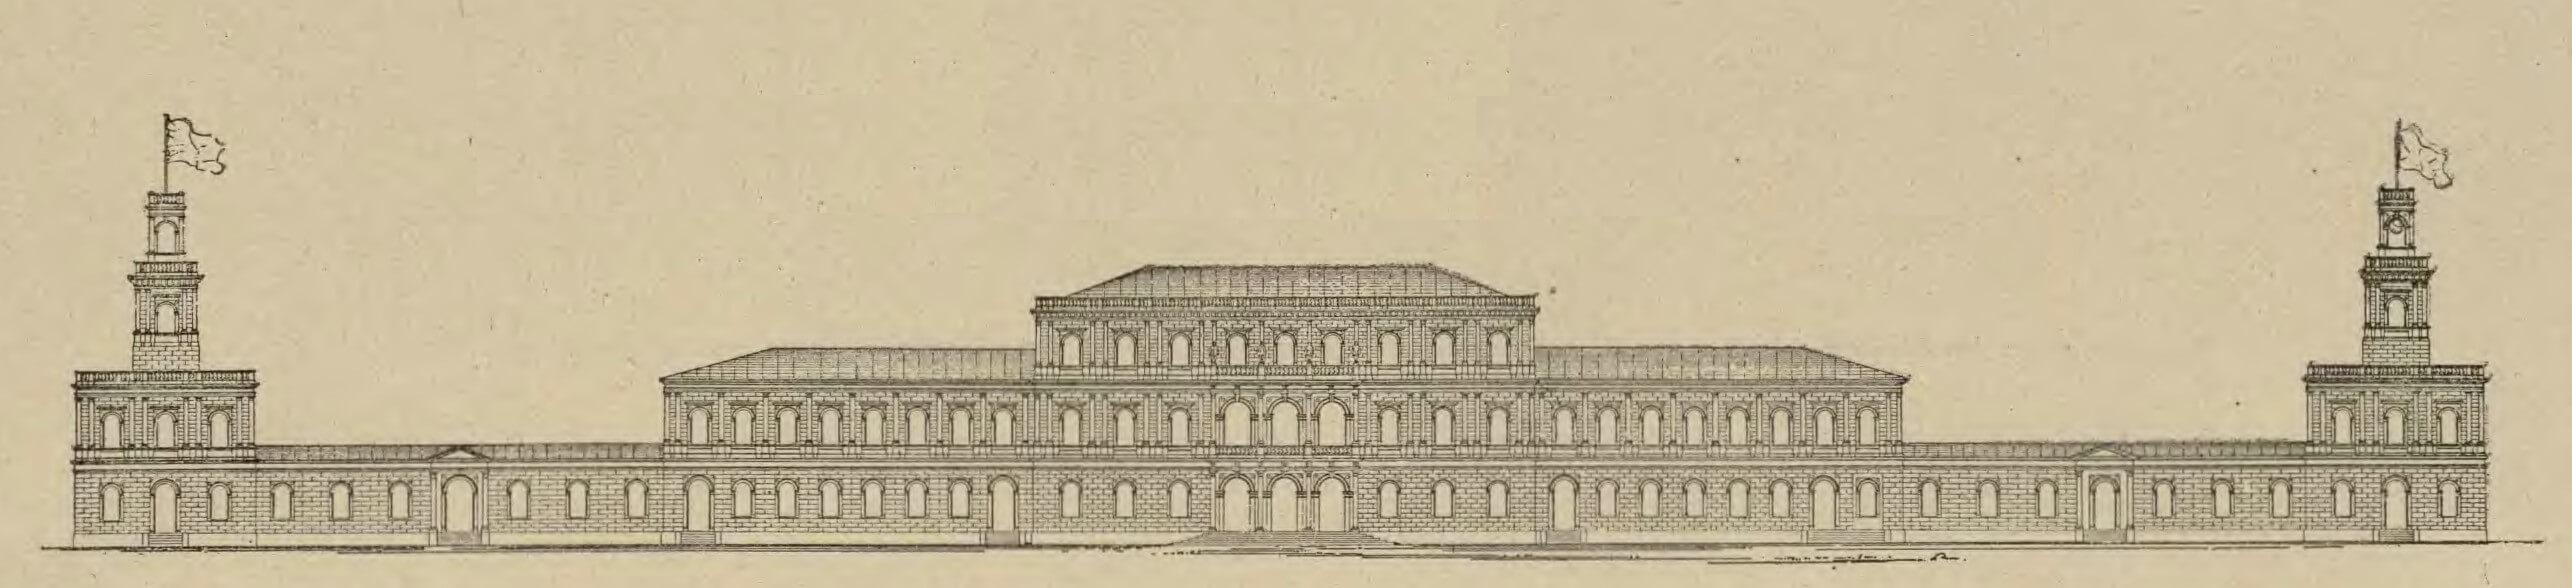 Rys.2. Rycina przedstawiająca rzut elewacji Dworca Wiedeńskiego (źródło: Wielka Encyklopedia Ilustrowana z 1896 r.).